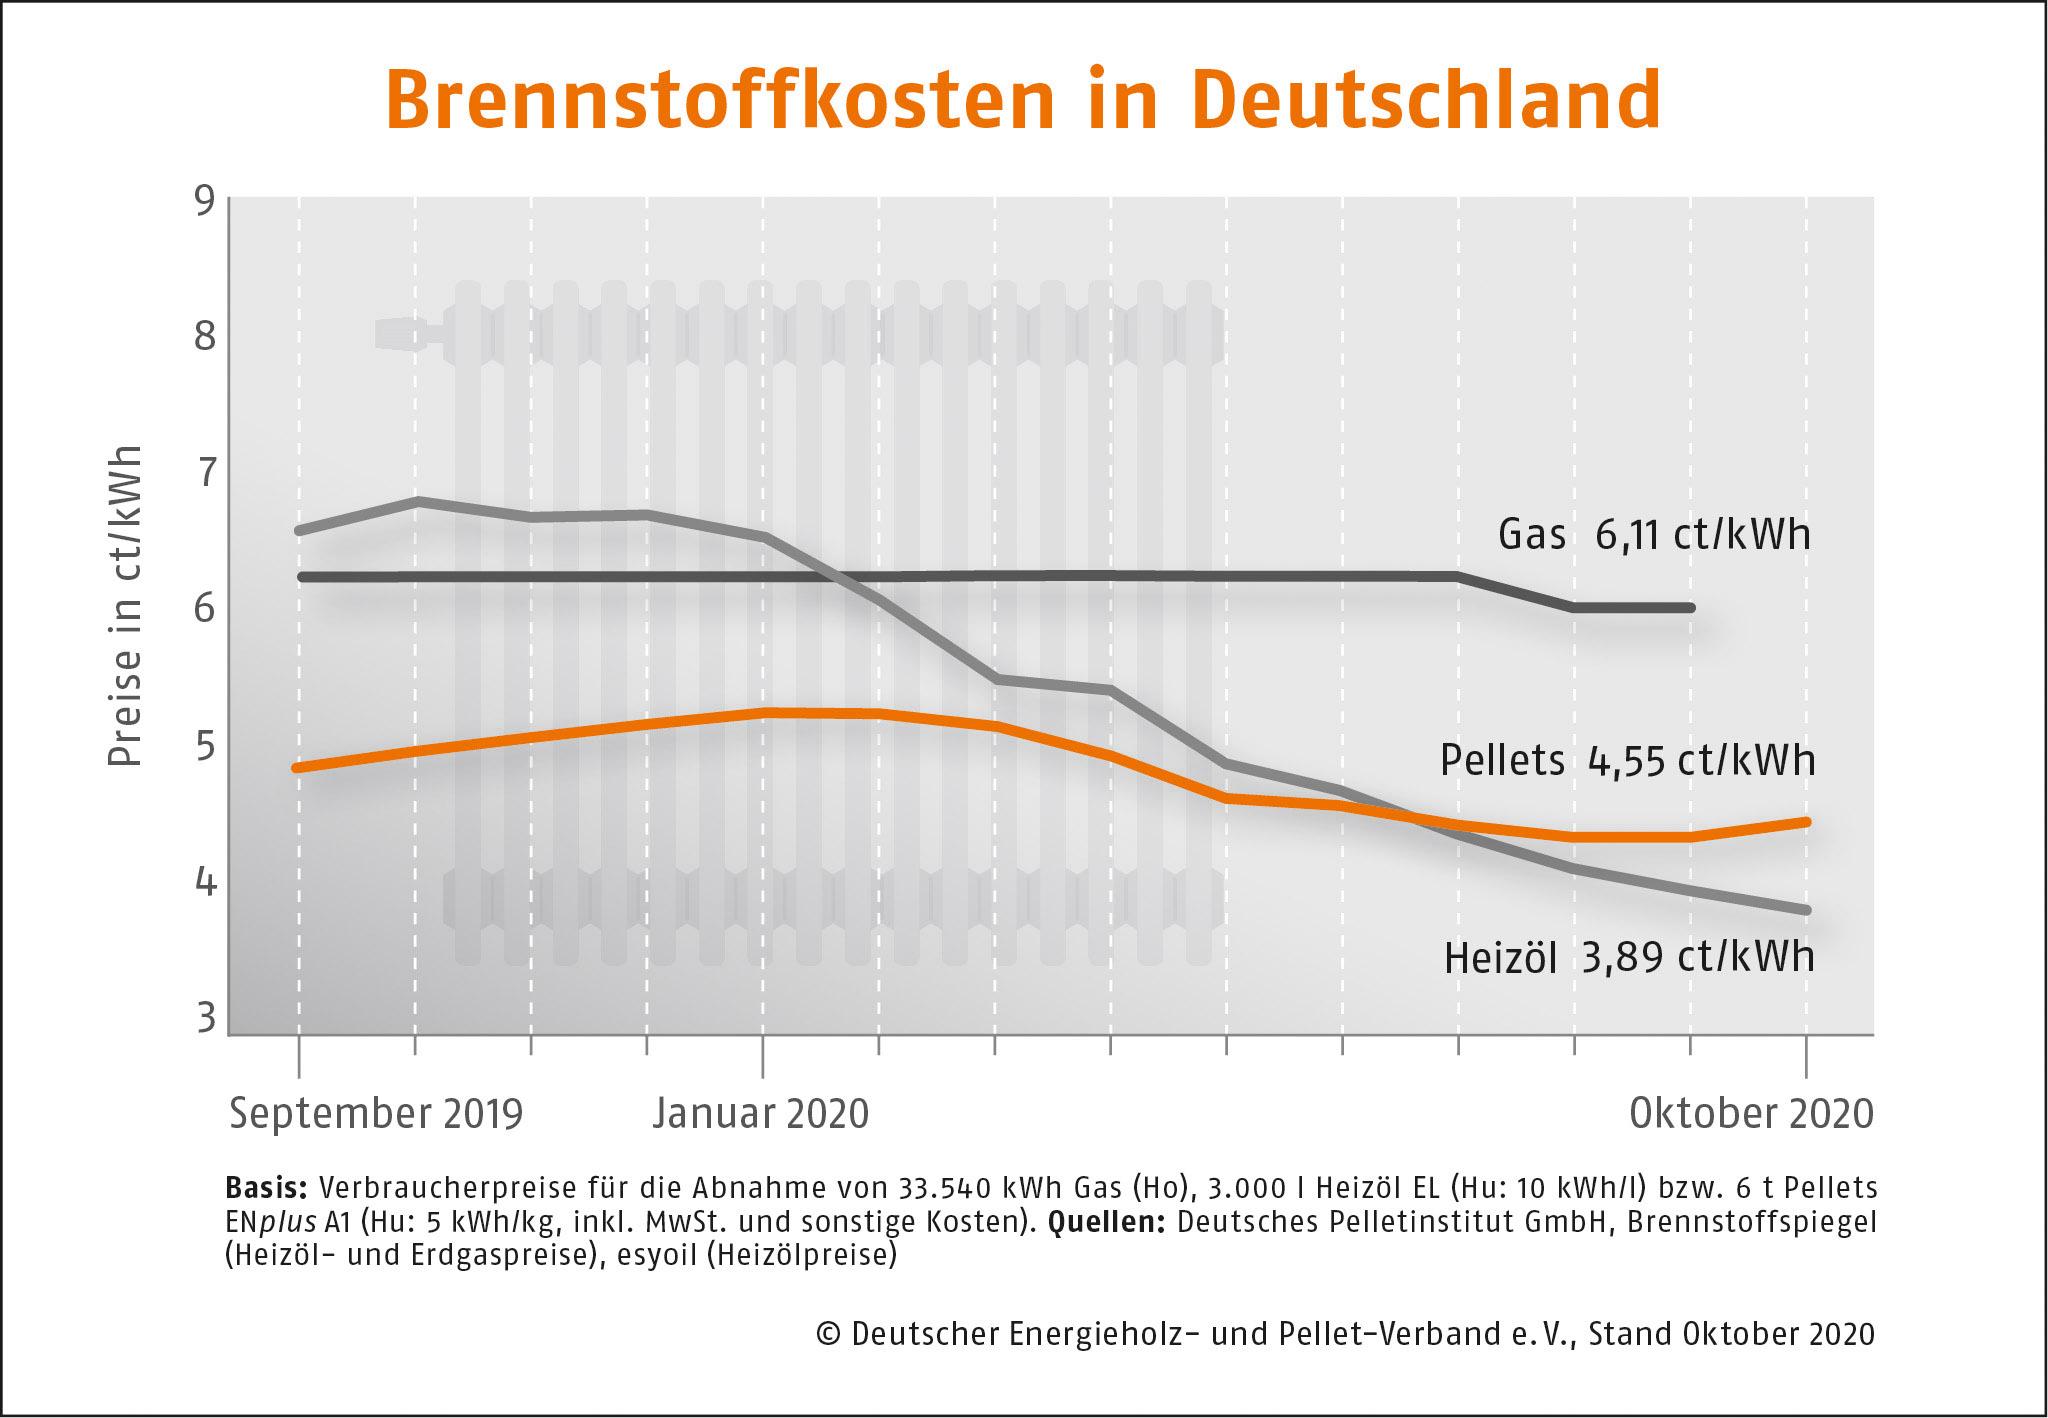 Brennstoffkosten in Deutschland DEPI Preisvergleich Oktober 2020